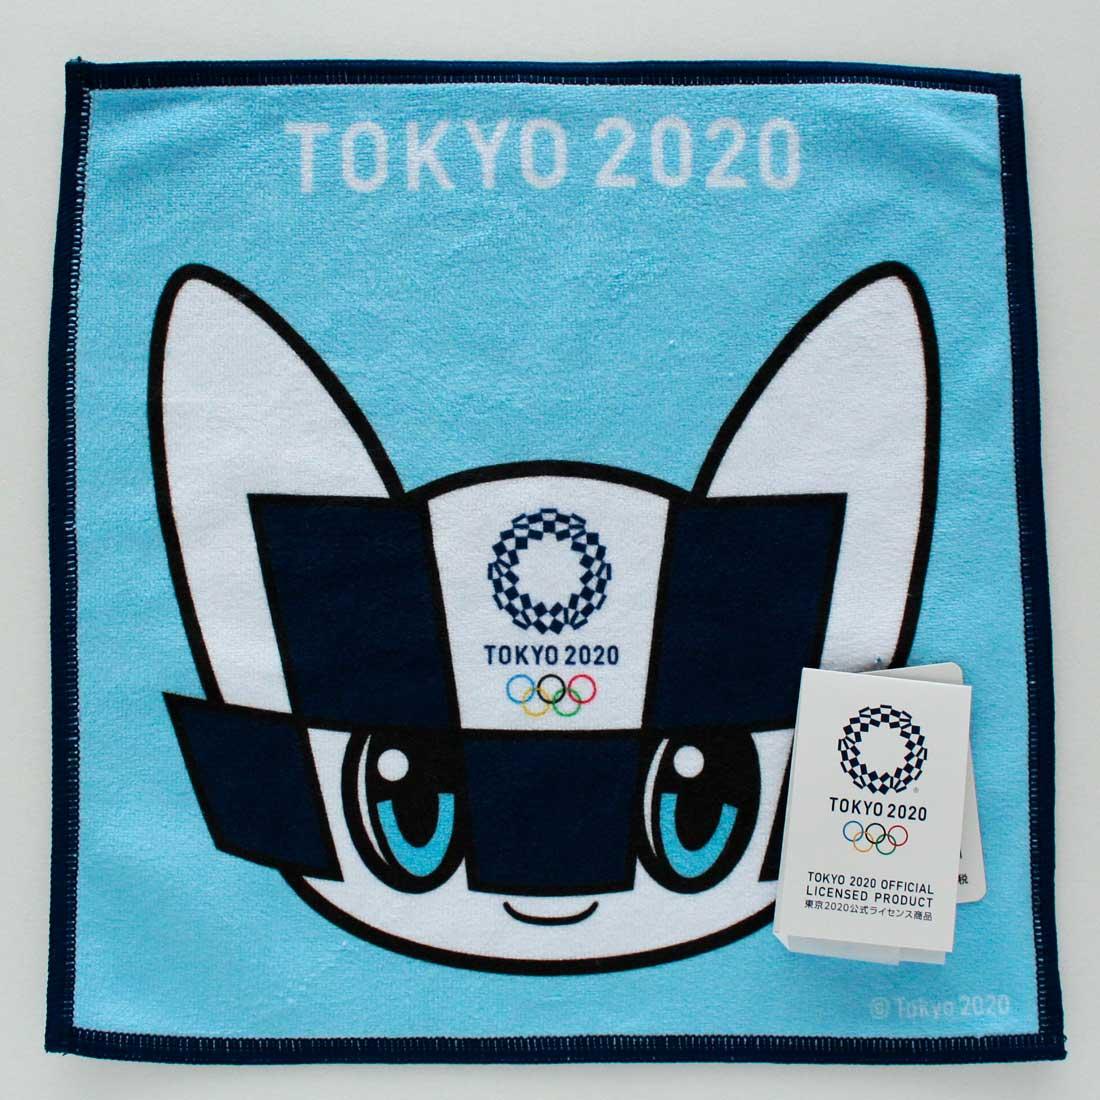 東京2020公式ライセンス商品 SALE 800円→300円 賜物 東京2020オリンピックマスコット 特価品コーナー☆ 0005 ブルー マルチハンカチーフ